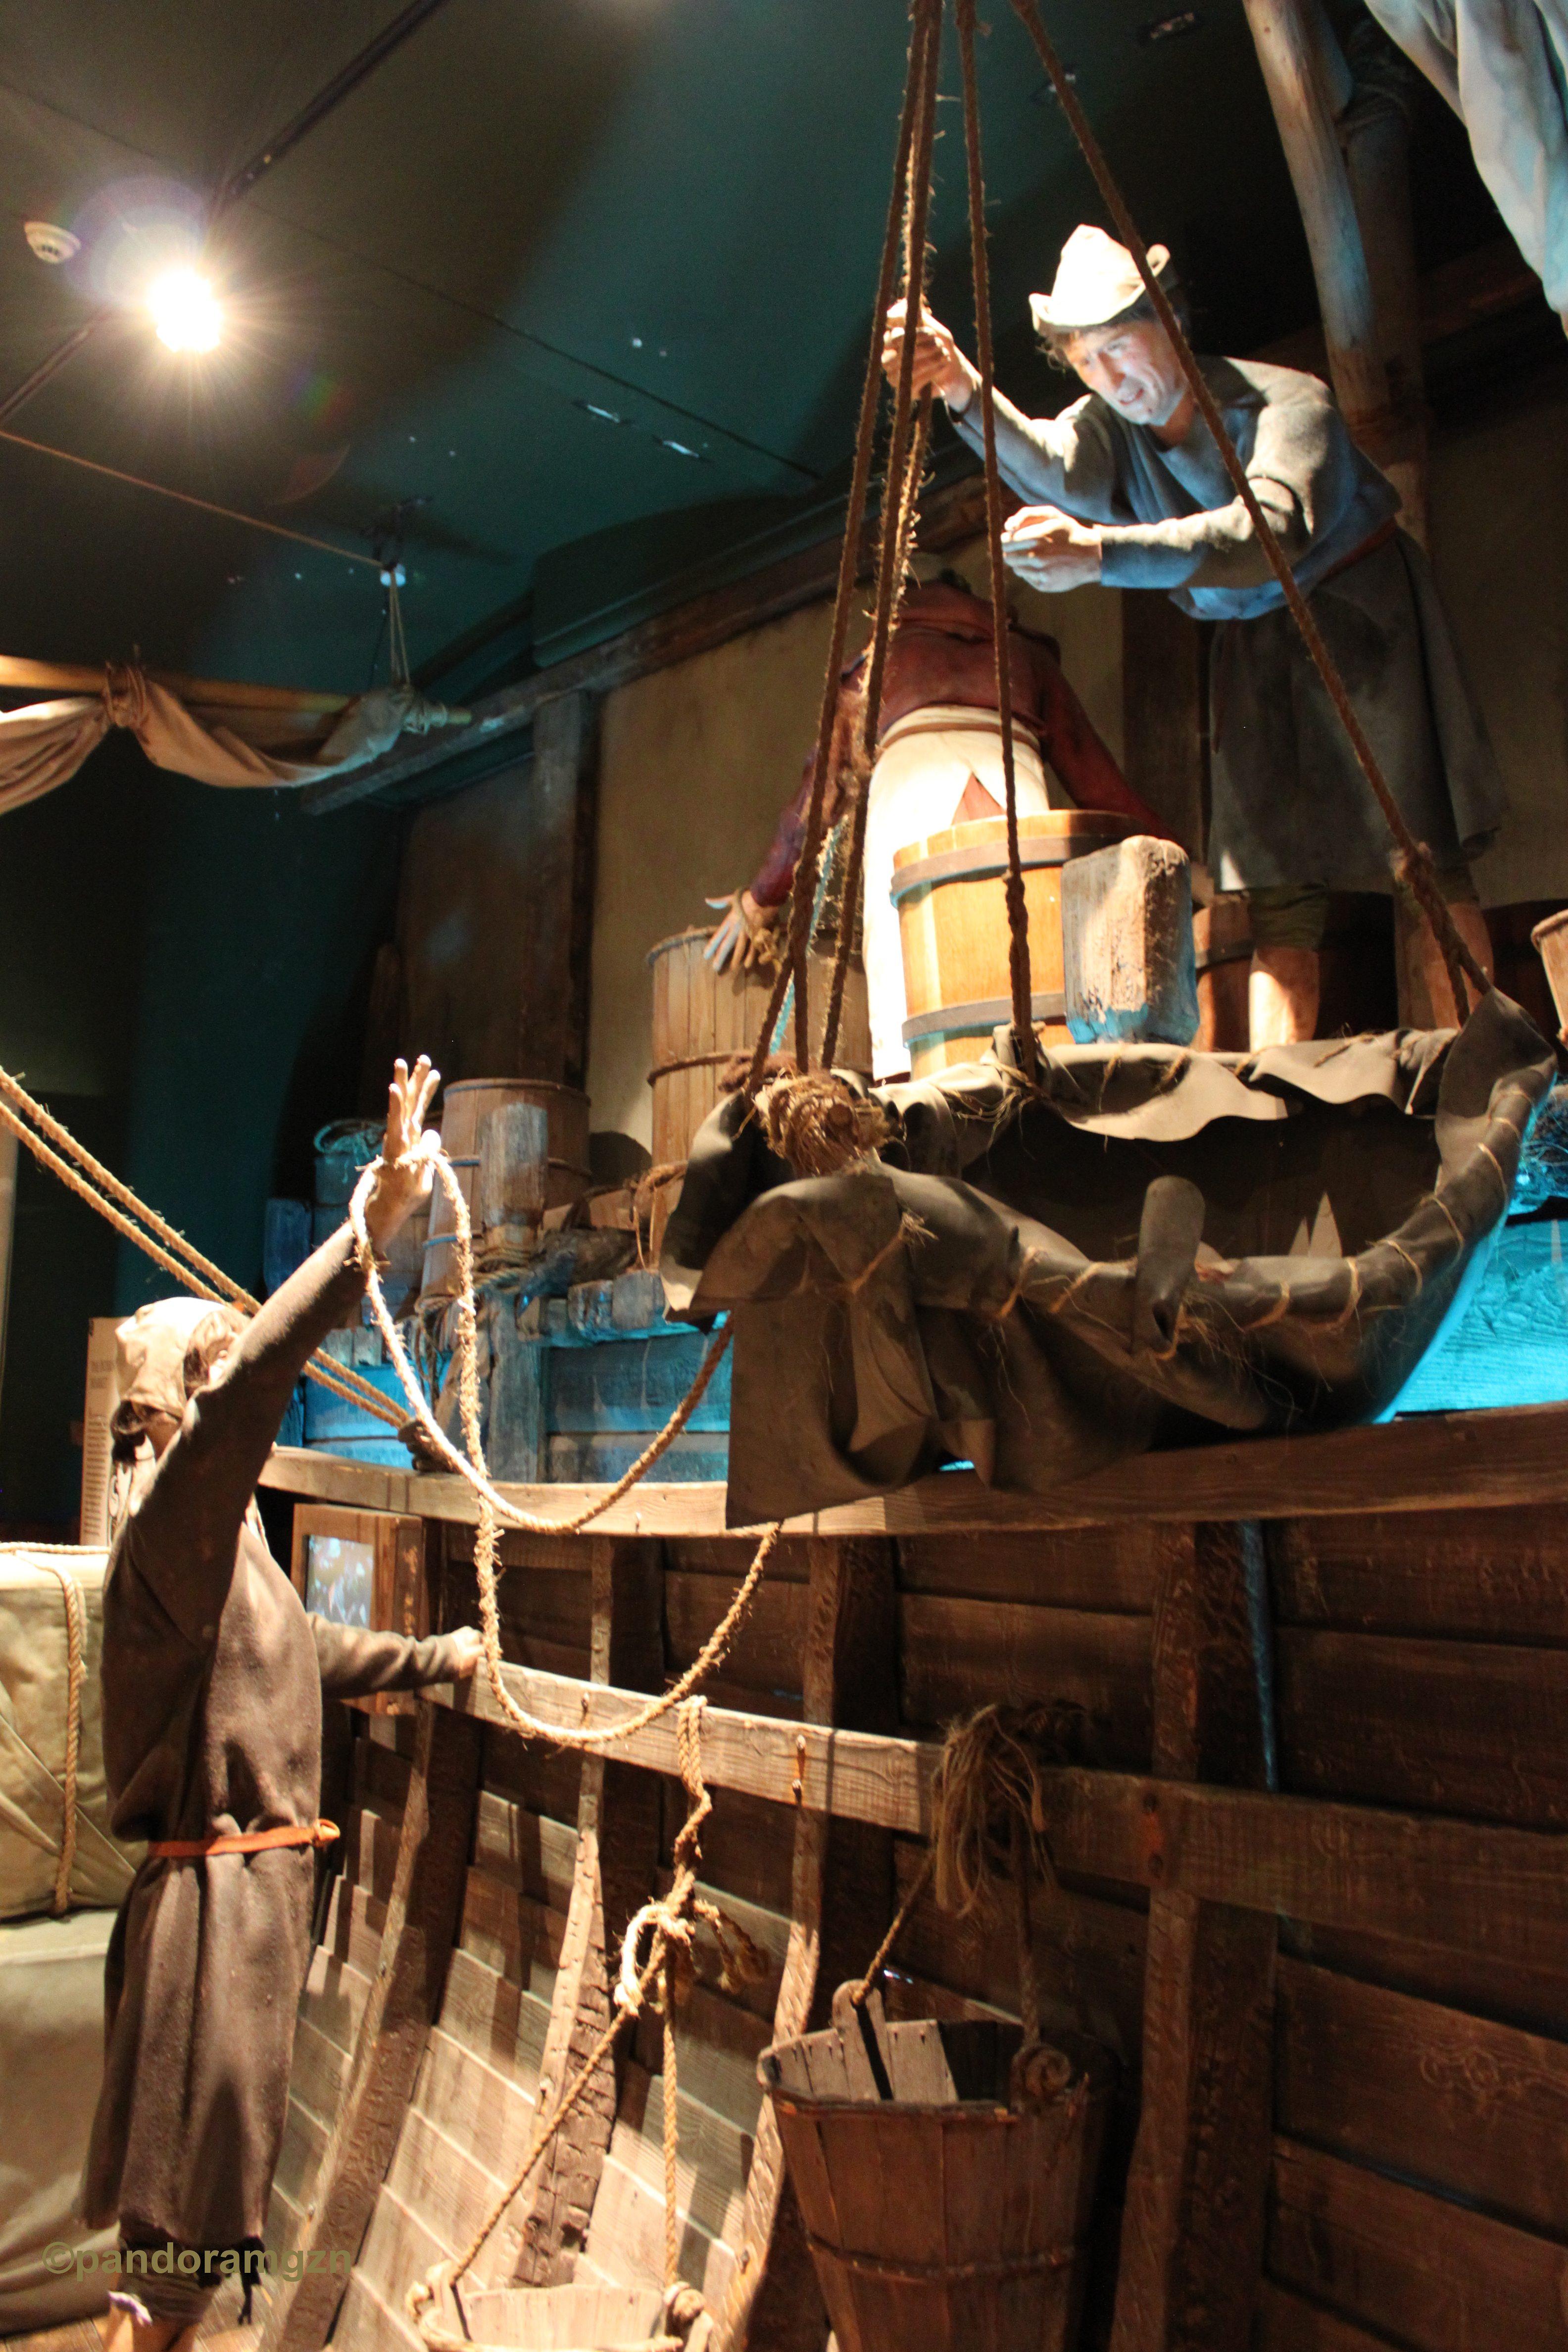 Lugares que visitar   Comenzamos con una visita a la Guinness Storehouse, la famosa fábrica de cerveza negra del país. La entrada cuesta 16,50€ y te permite […]